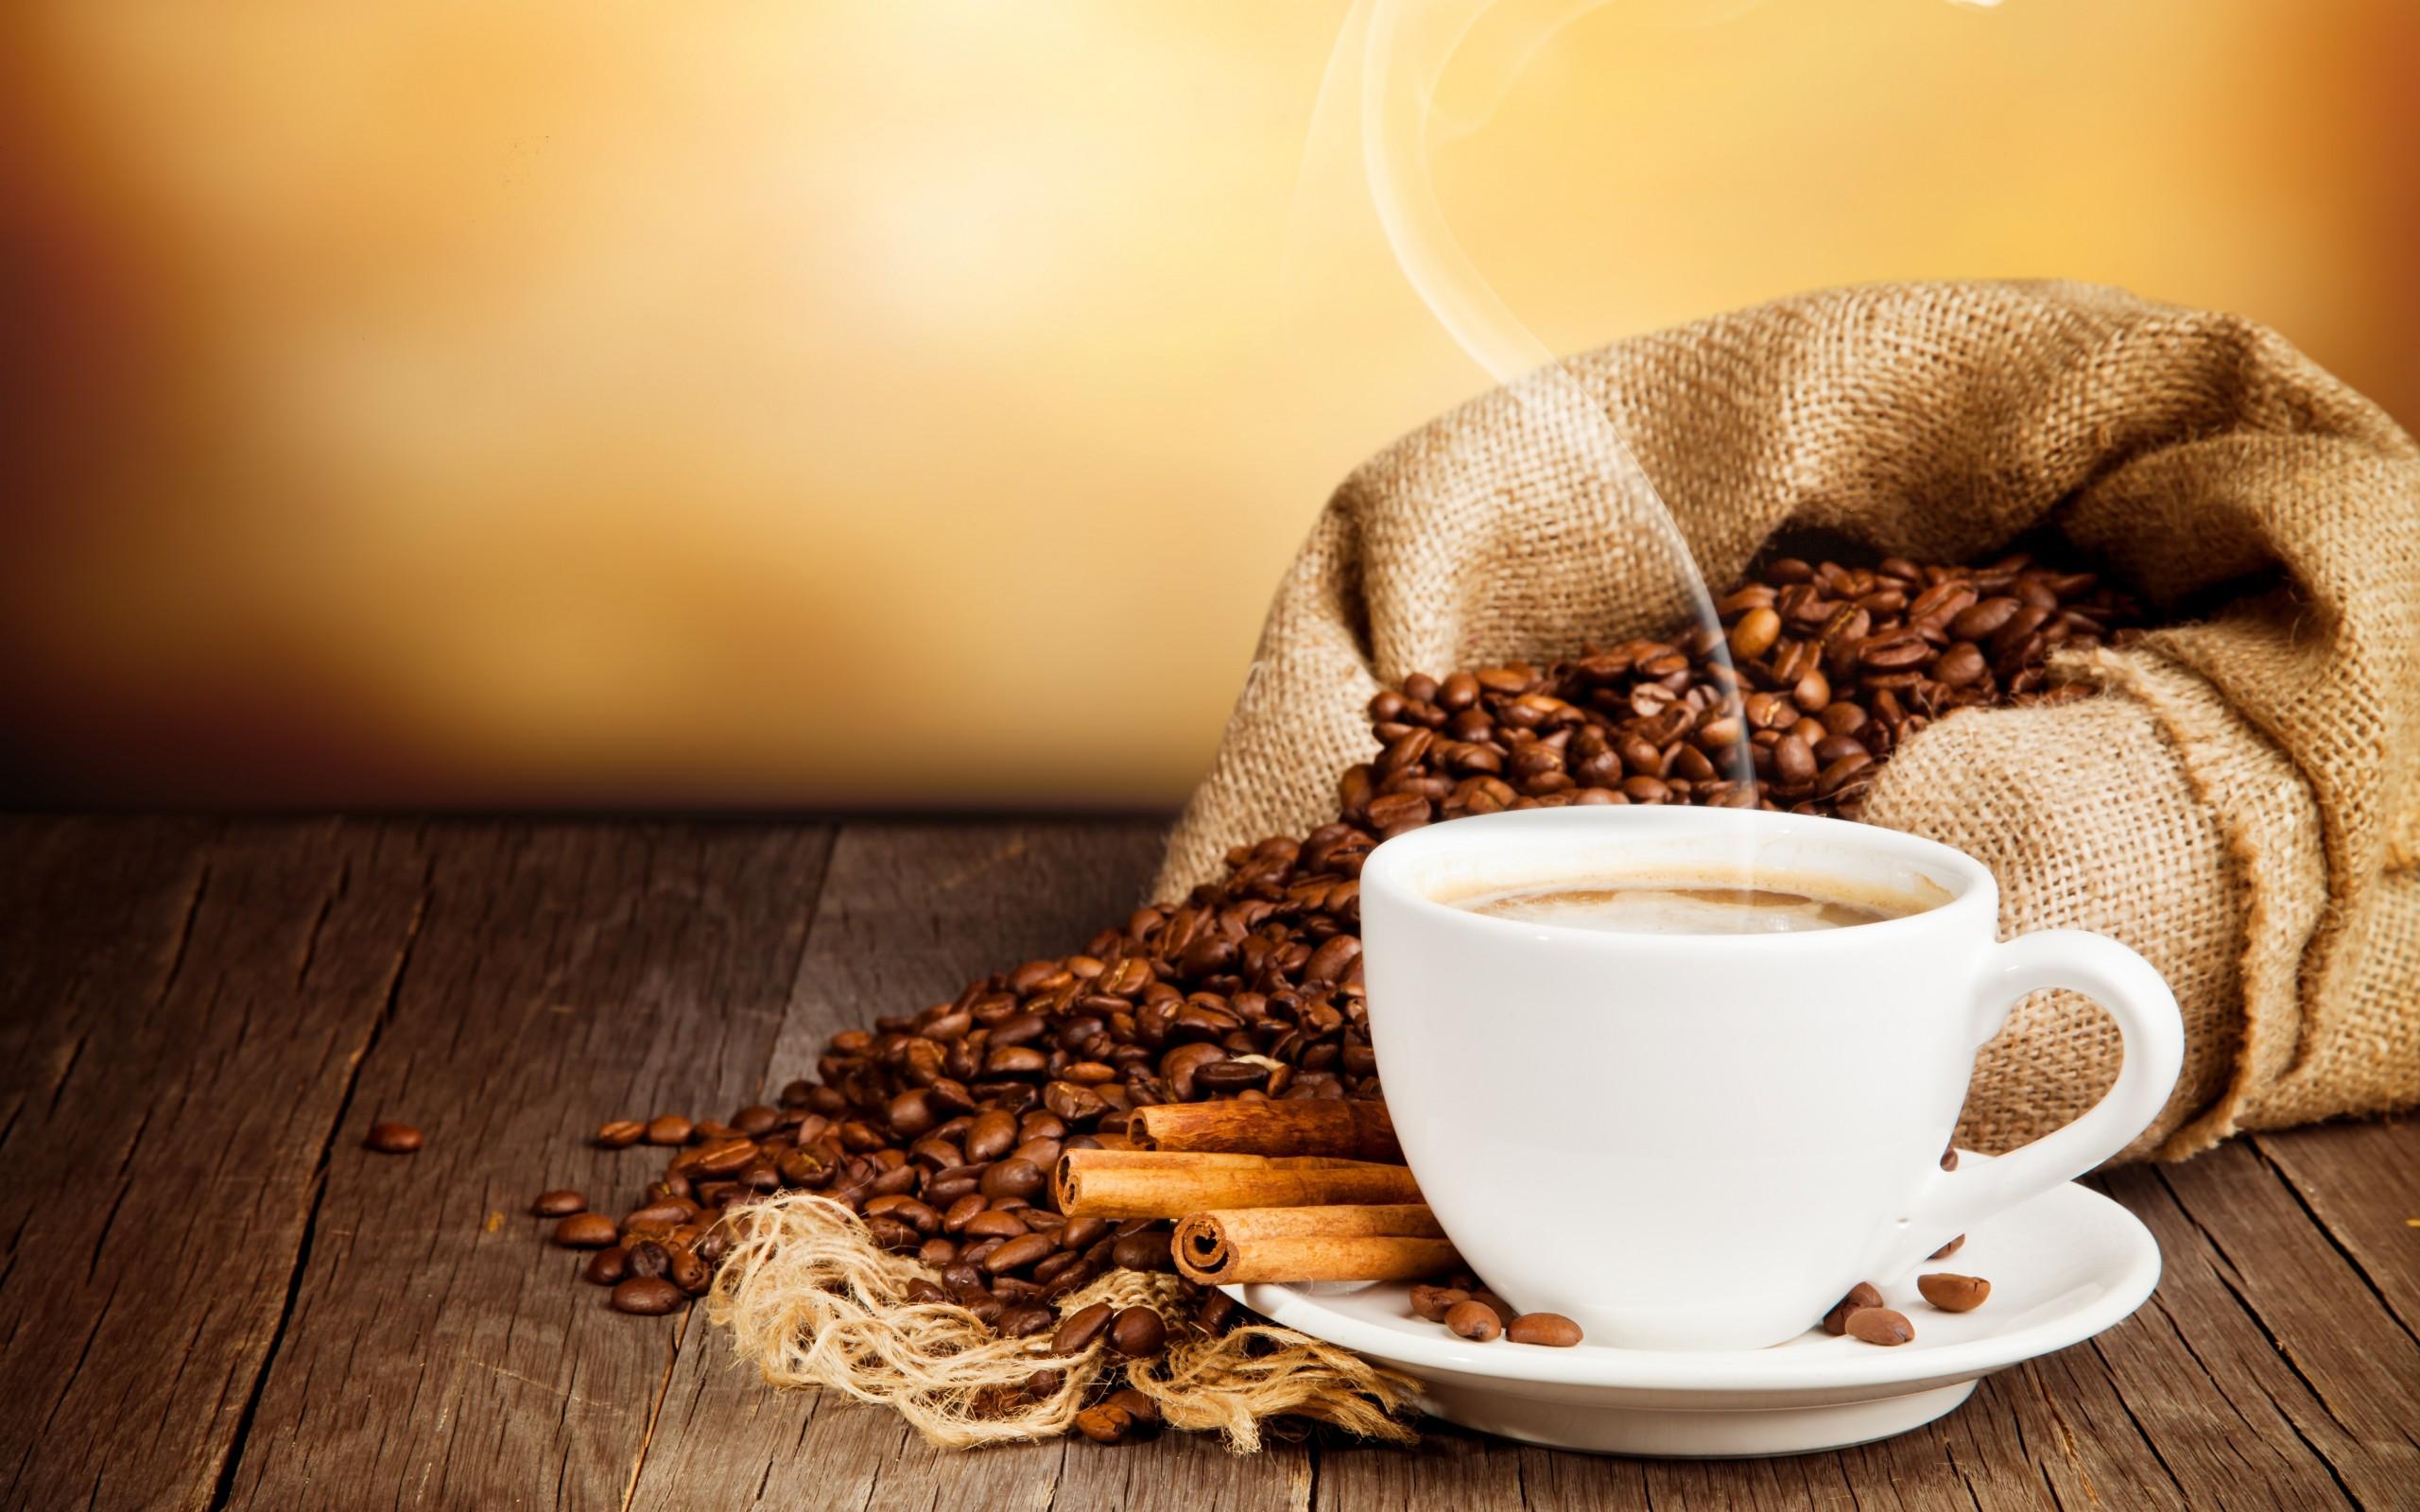 украсить постеры кофе и чай компания